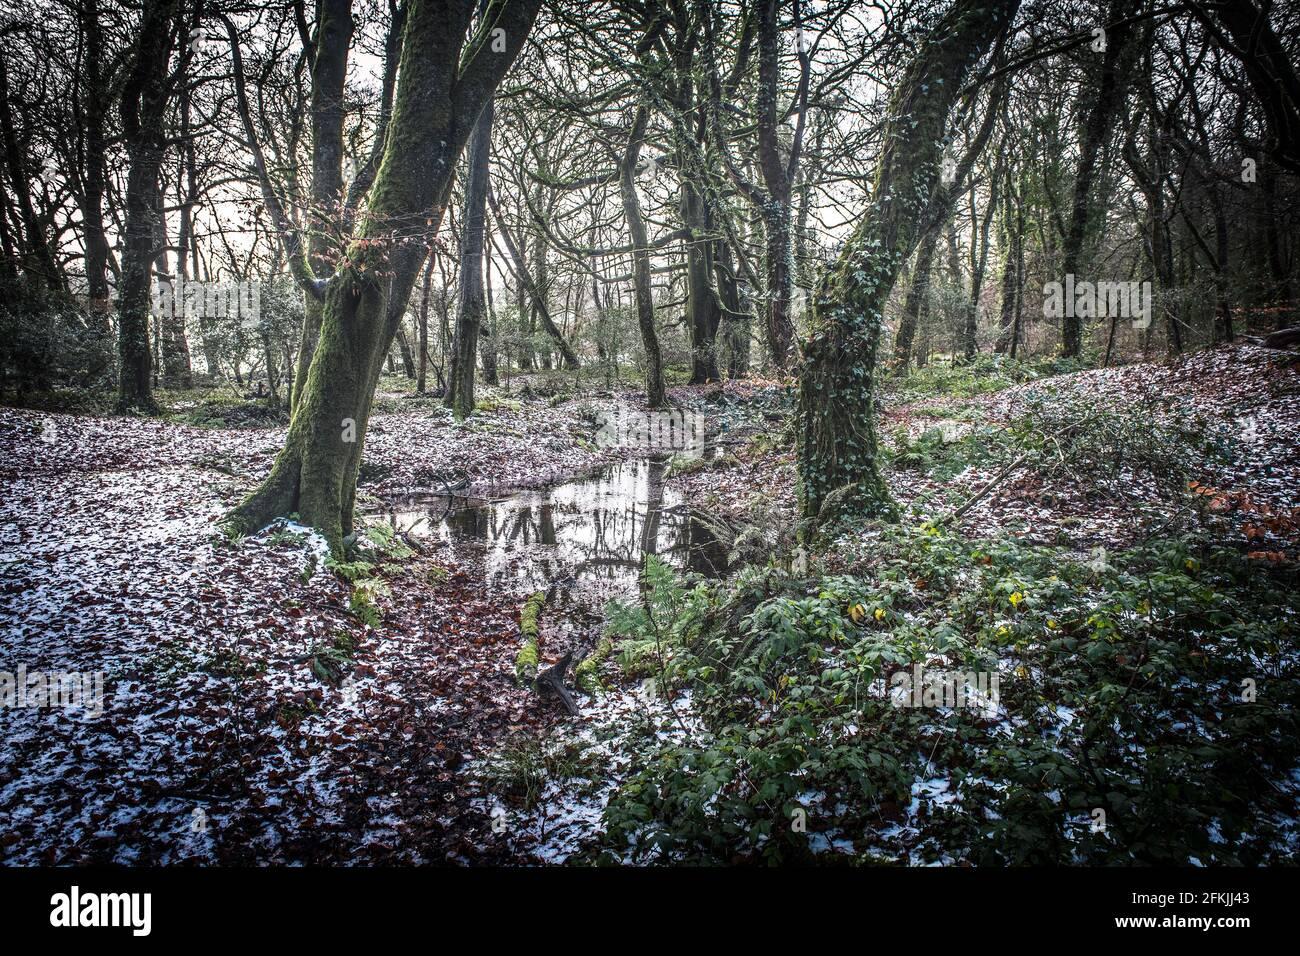 Un matin brumeux au début de l'hiver dans l'ancienne forêt de Draynes Wood, en Cornouailles. Banque D'Images